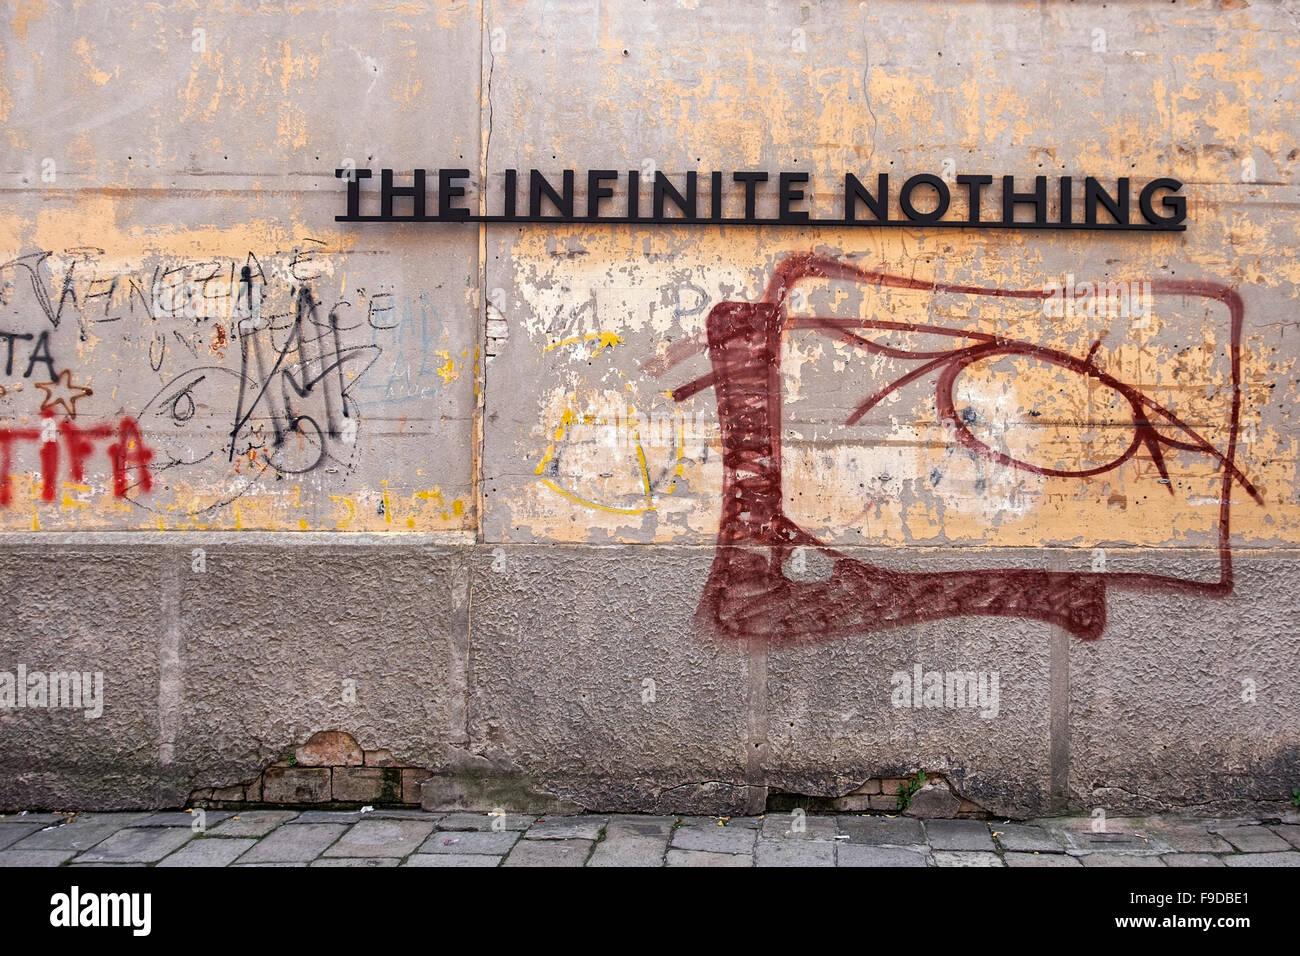 La infinita nada, signo y el graffiti en el muro durante la 56ª Bienal de Venecia de 2015.La Biennale di Venezia, Venecia, Italia Foto de stock